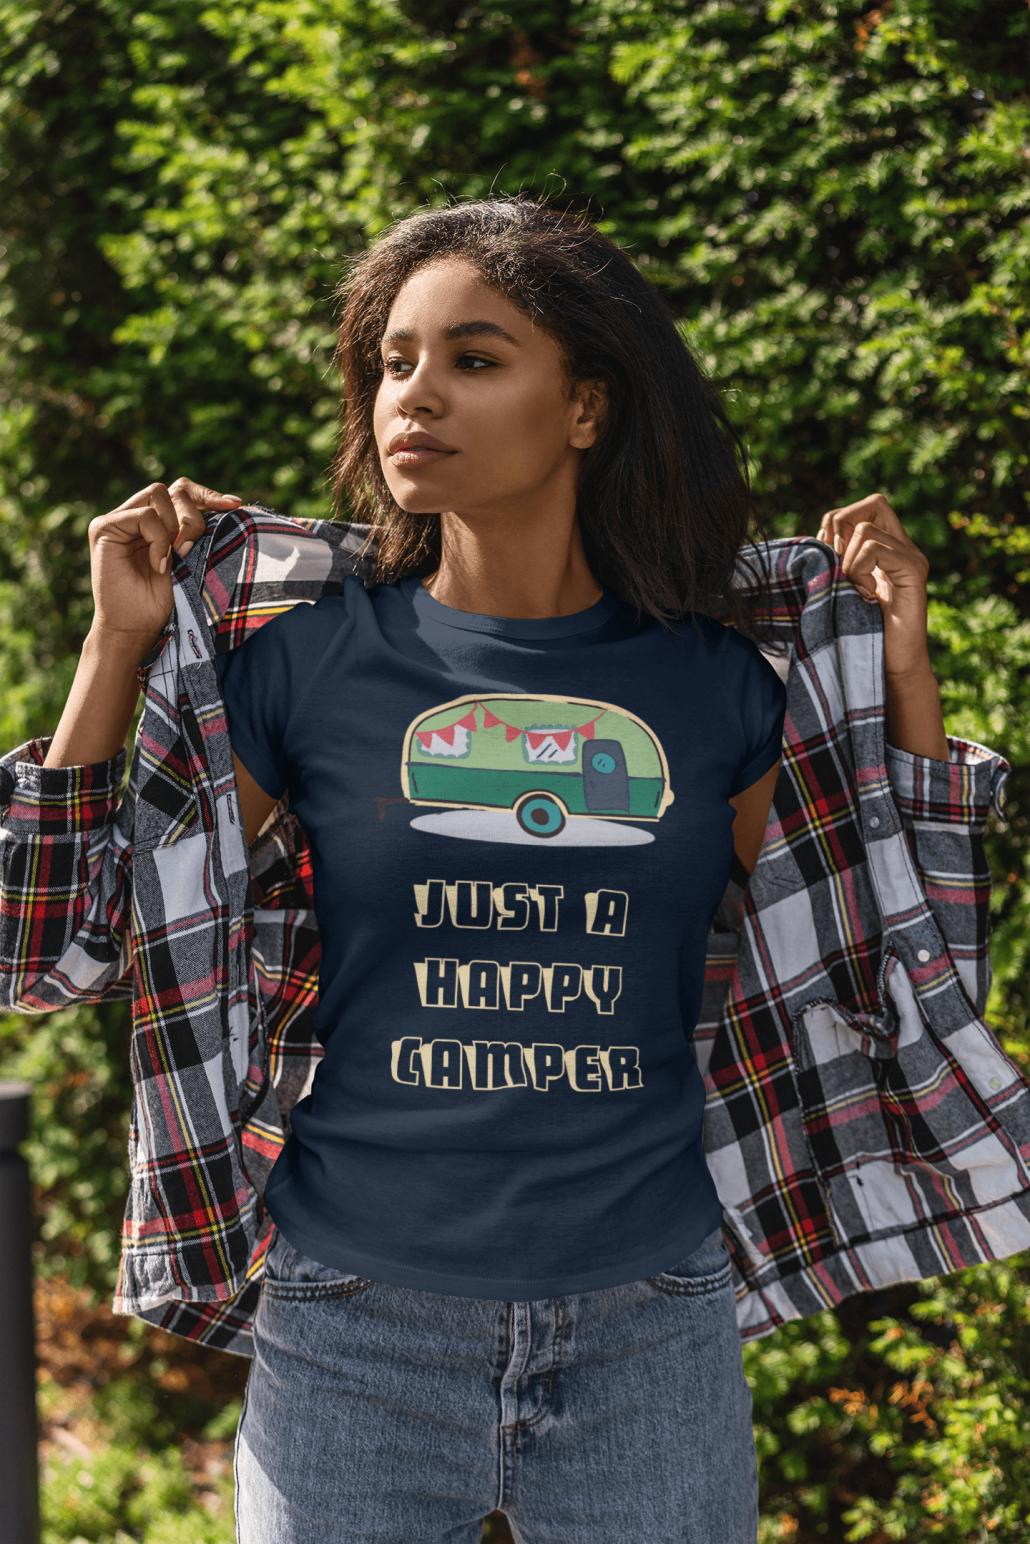 Women's T-shirt with camper van